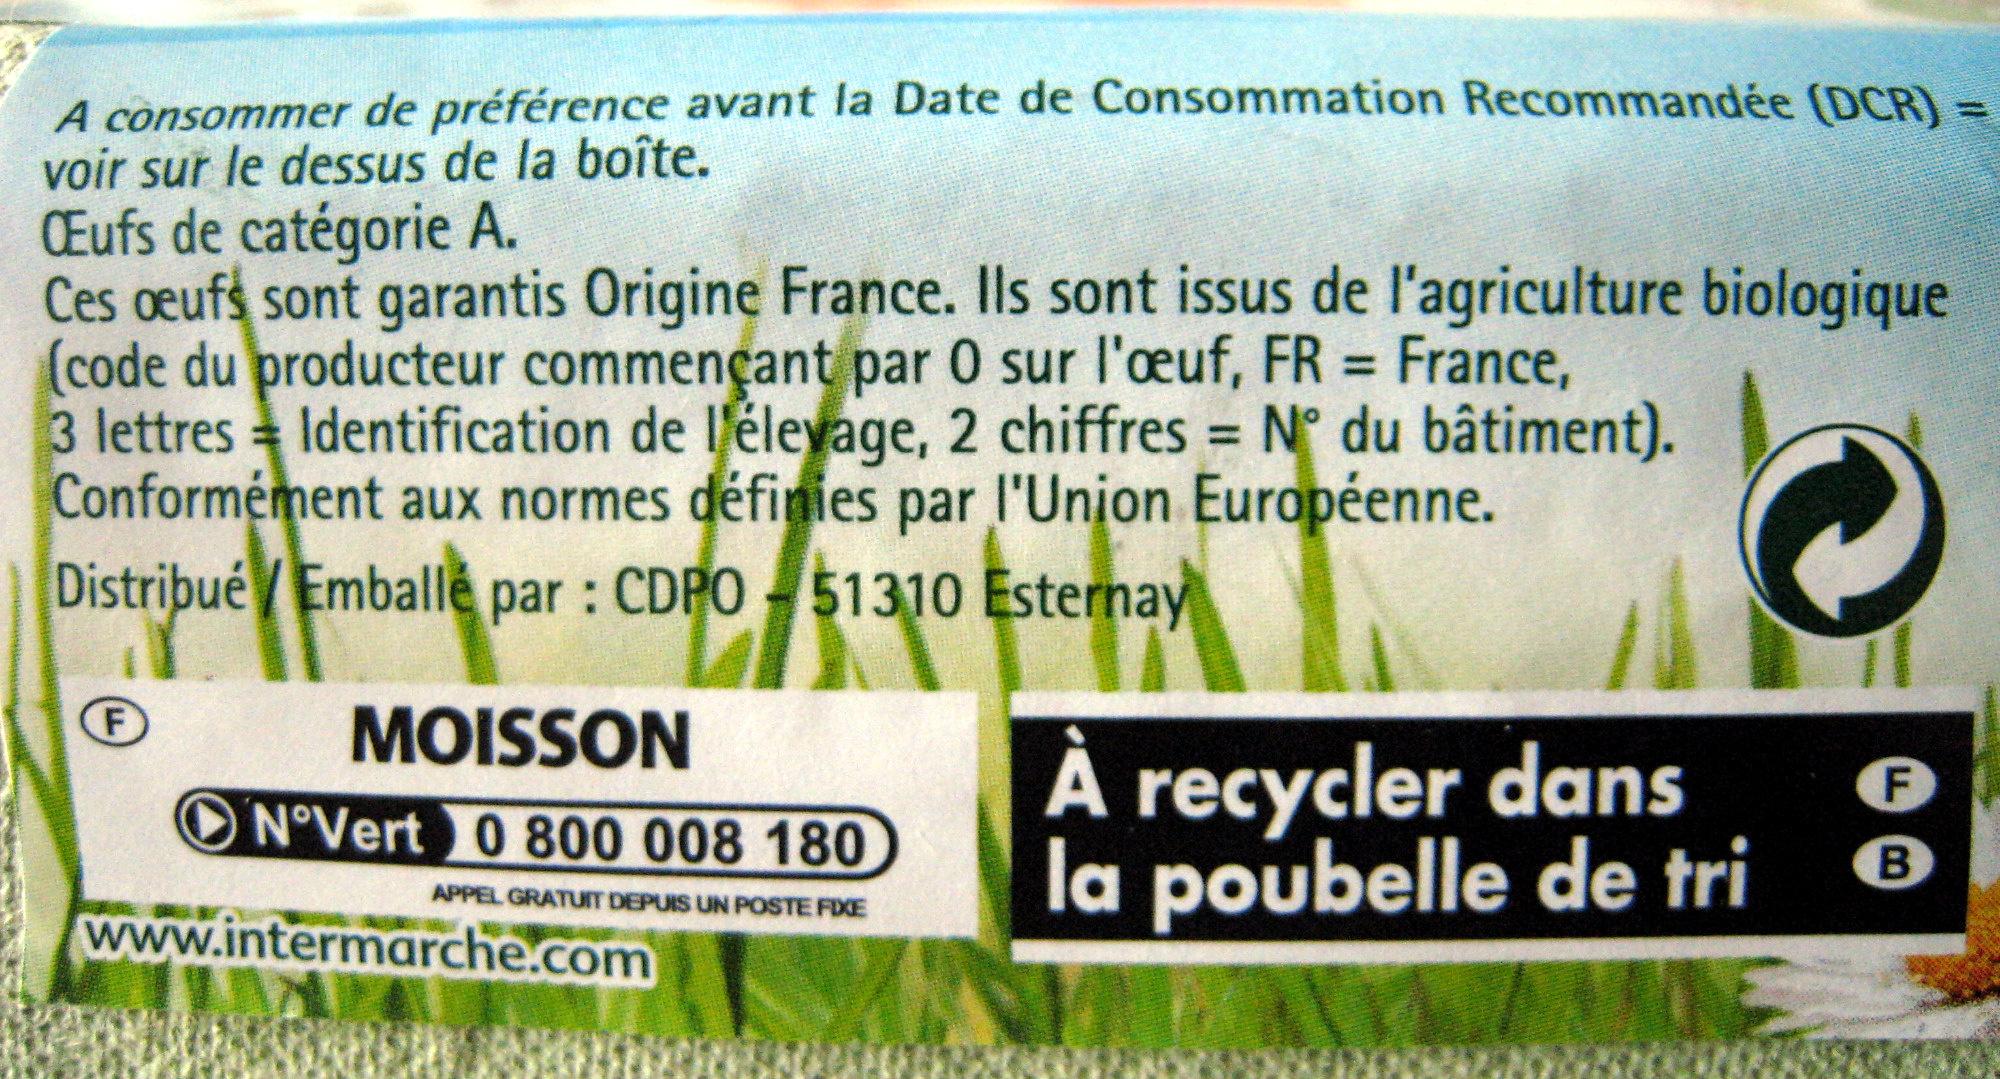 6 oeufs frais biologiques de poules élevées en plein air - Ingrediënten - fr